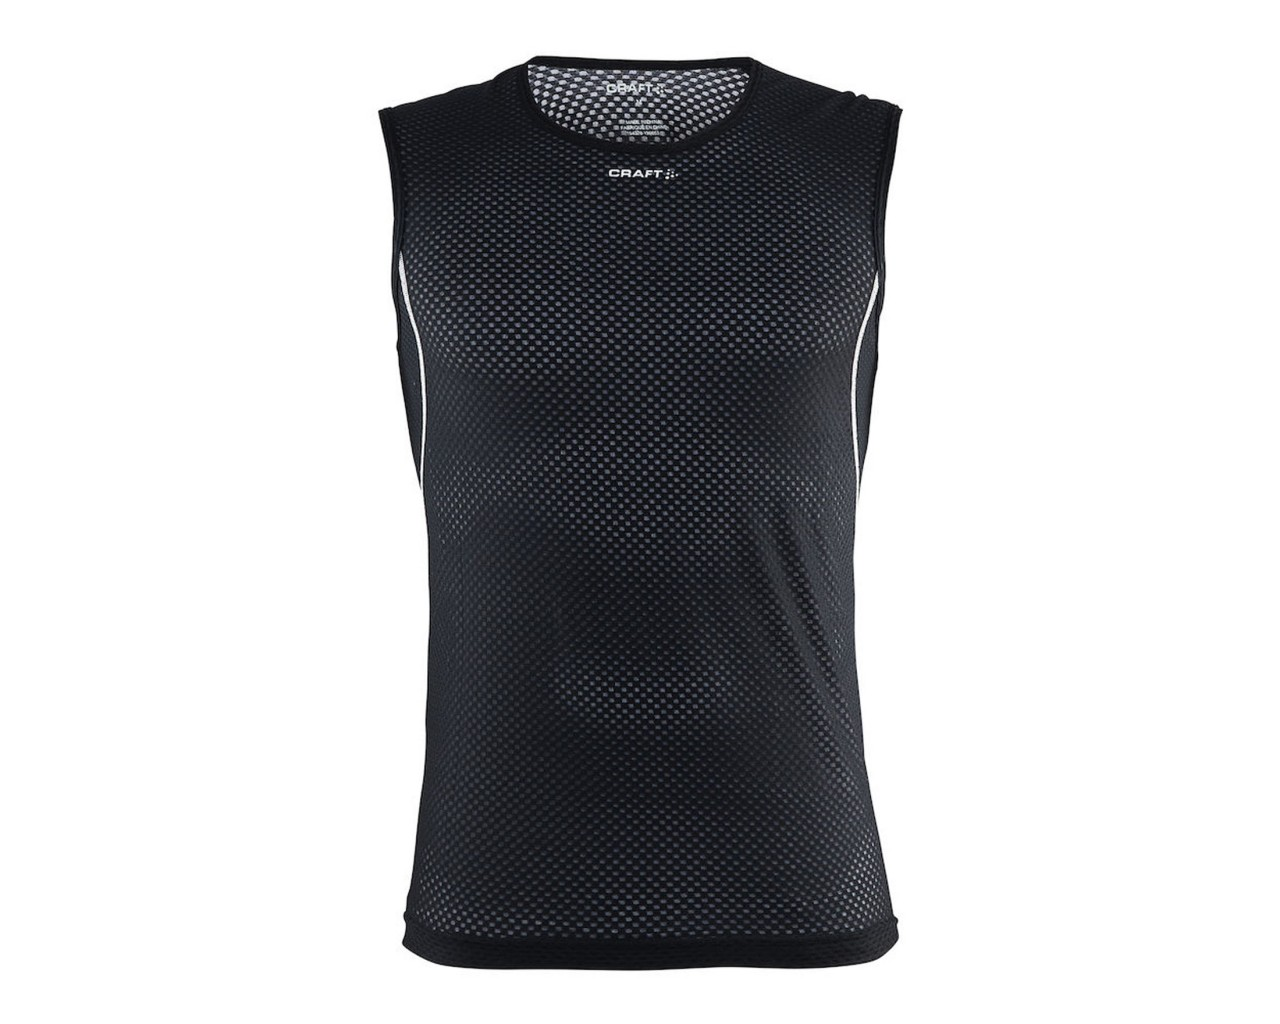 Craft Cool Mesh Superlight - Funktionsunterhemd ärmellos | black